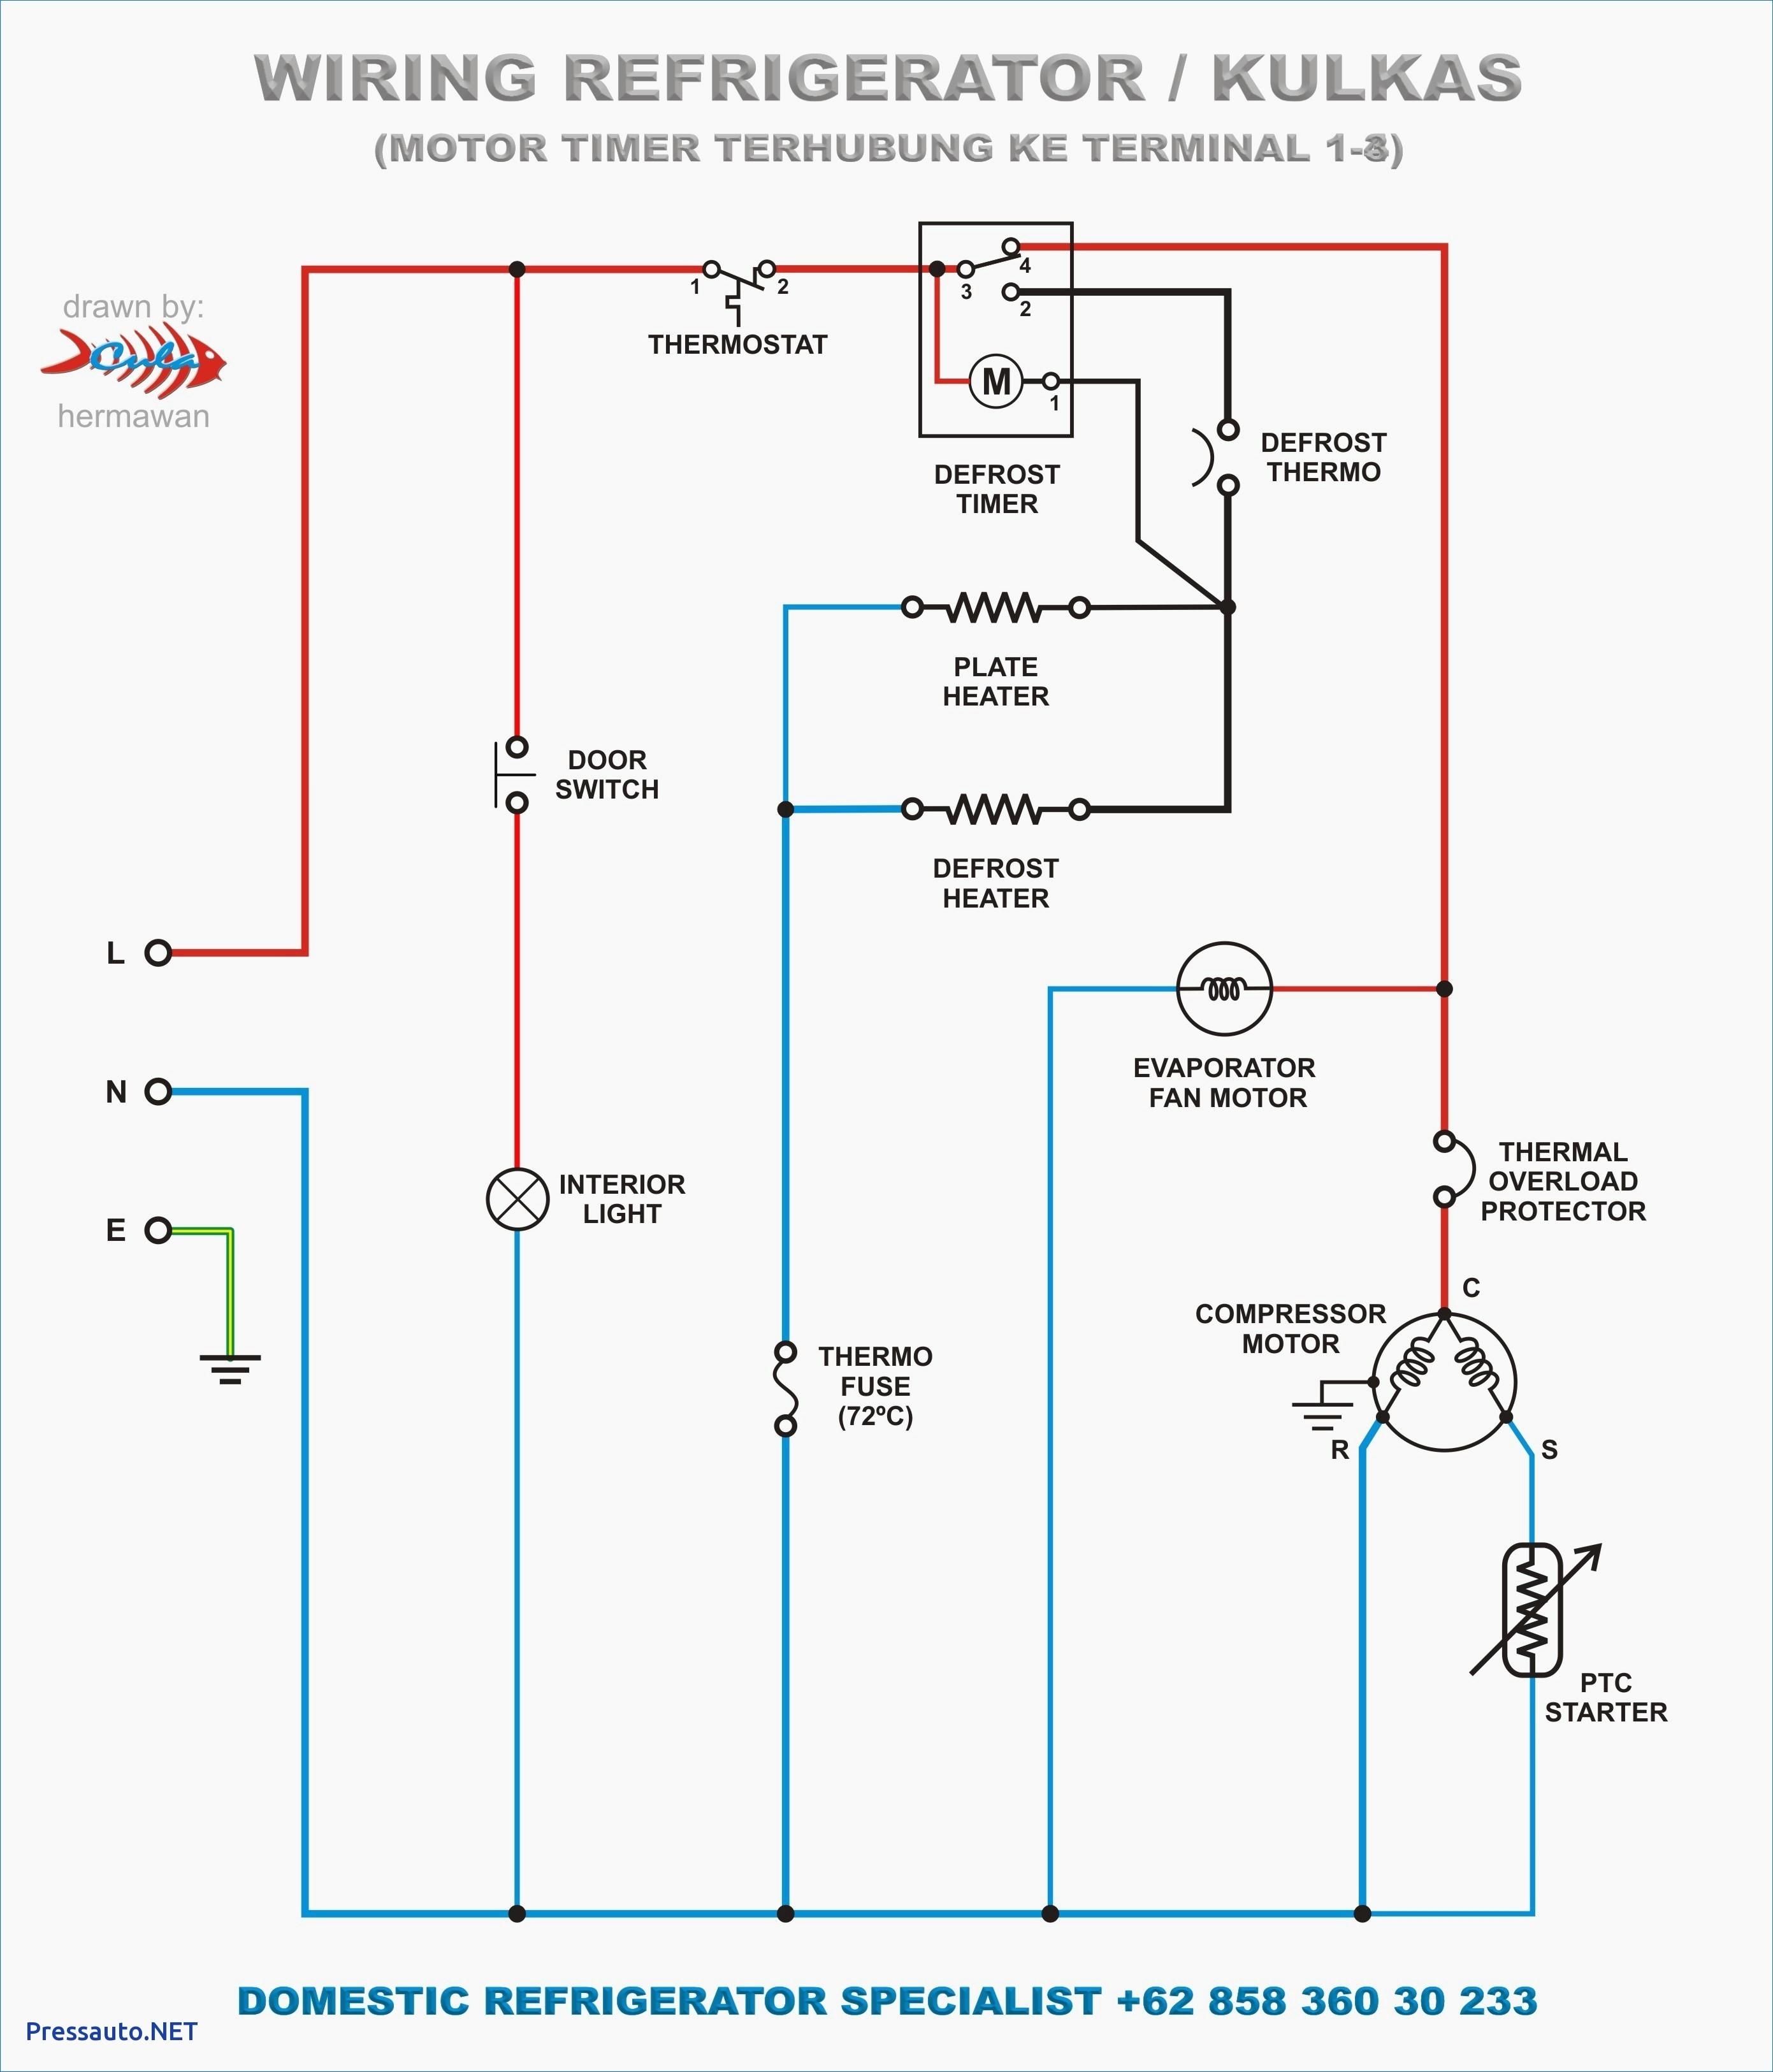 Danfoss Underfloor Heating Wiring Diagram - Wiring Diagrams on